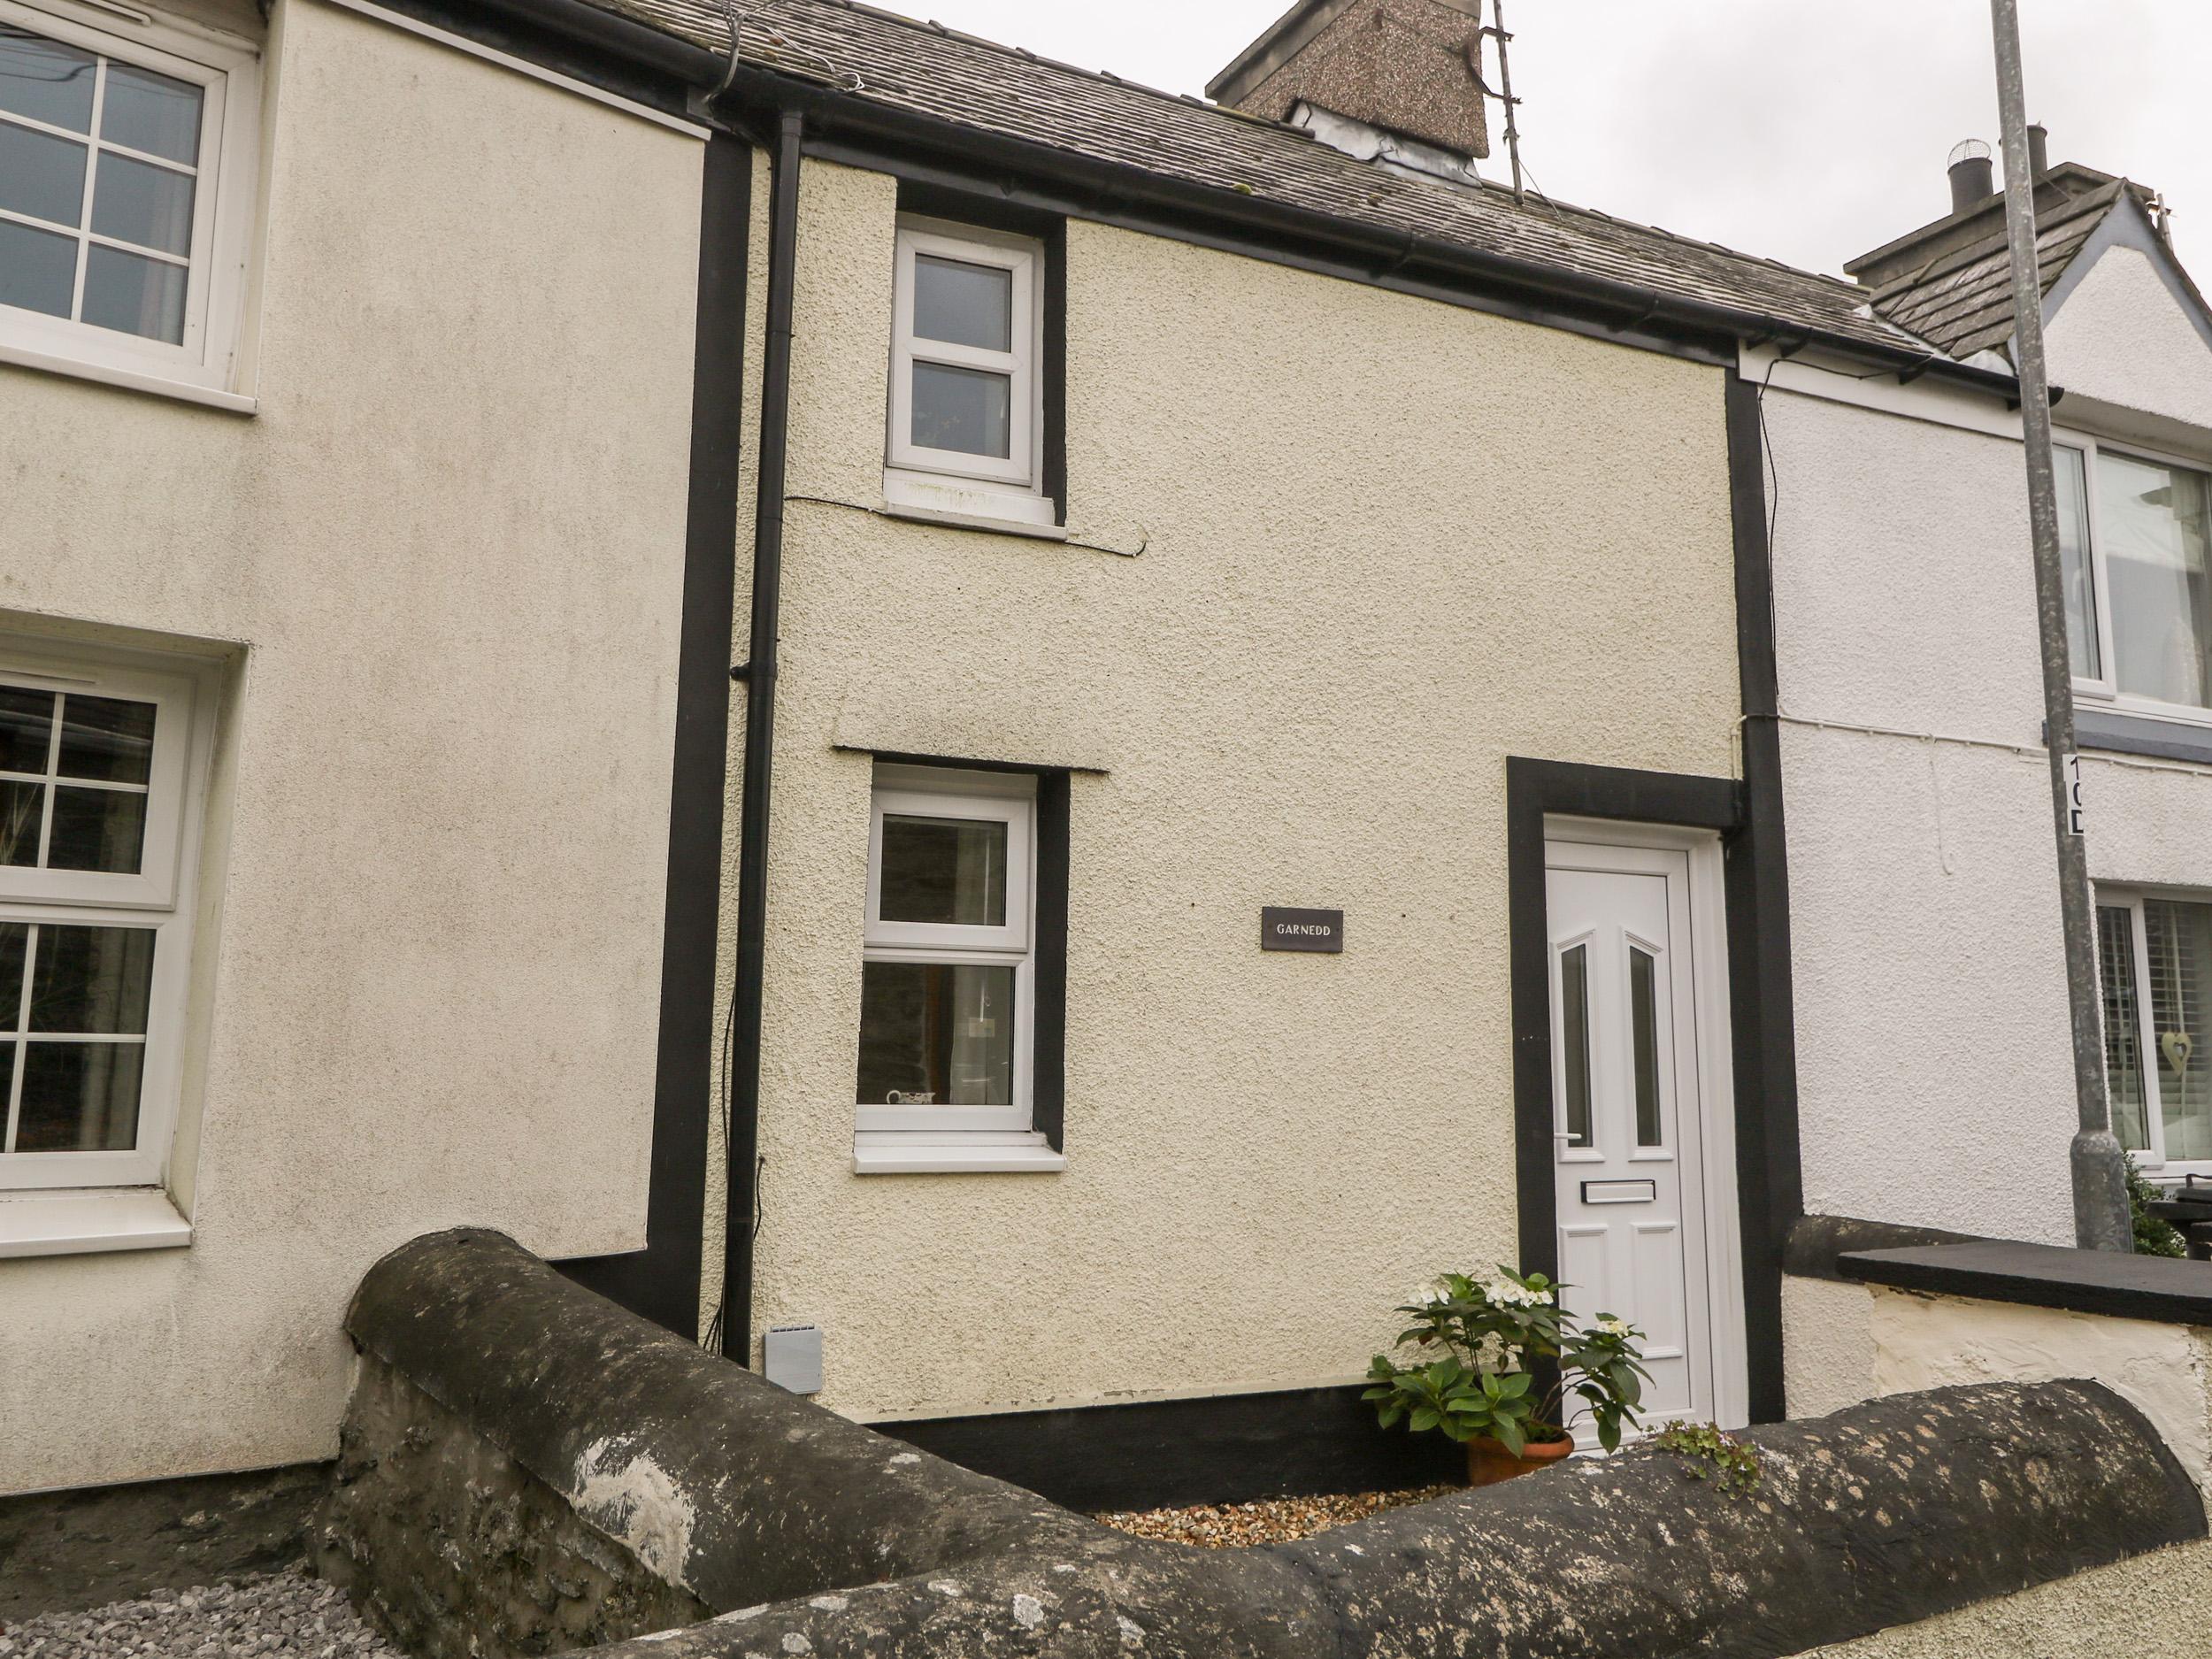 Garnedd, Anglesey